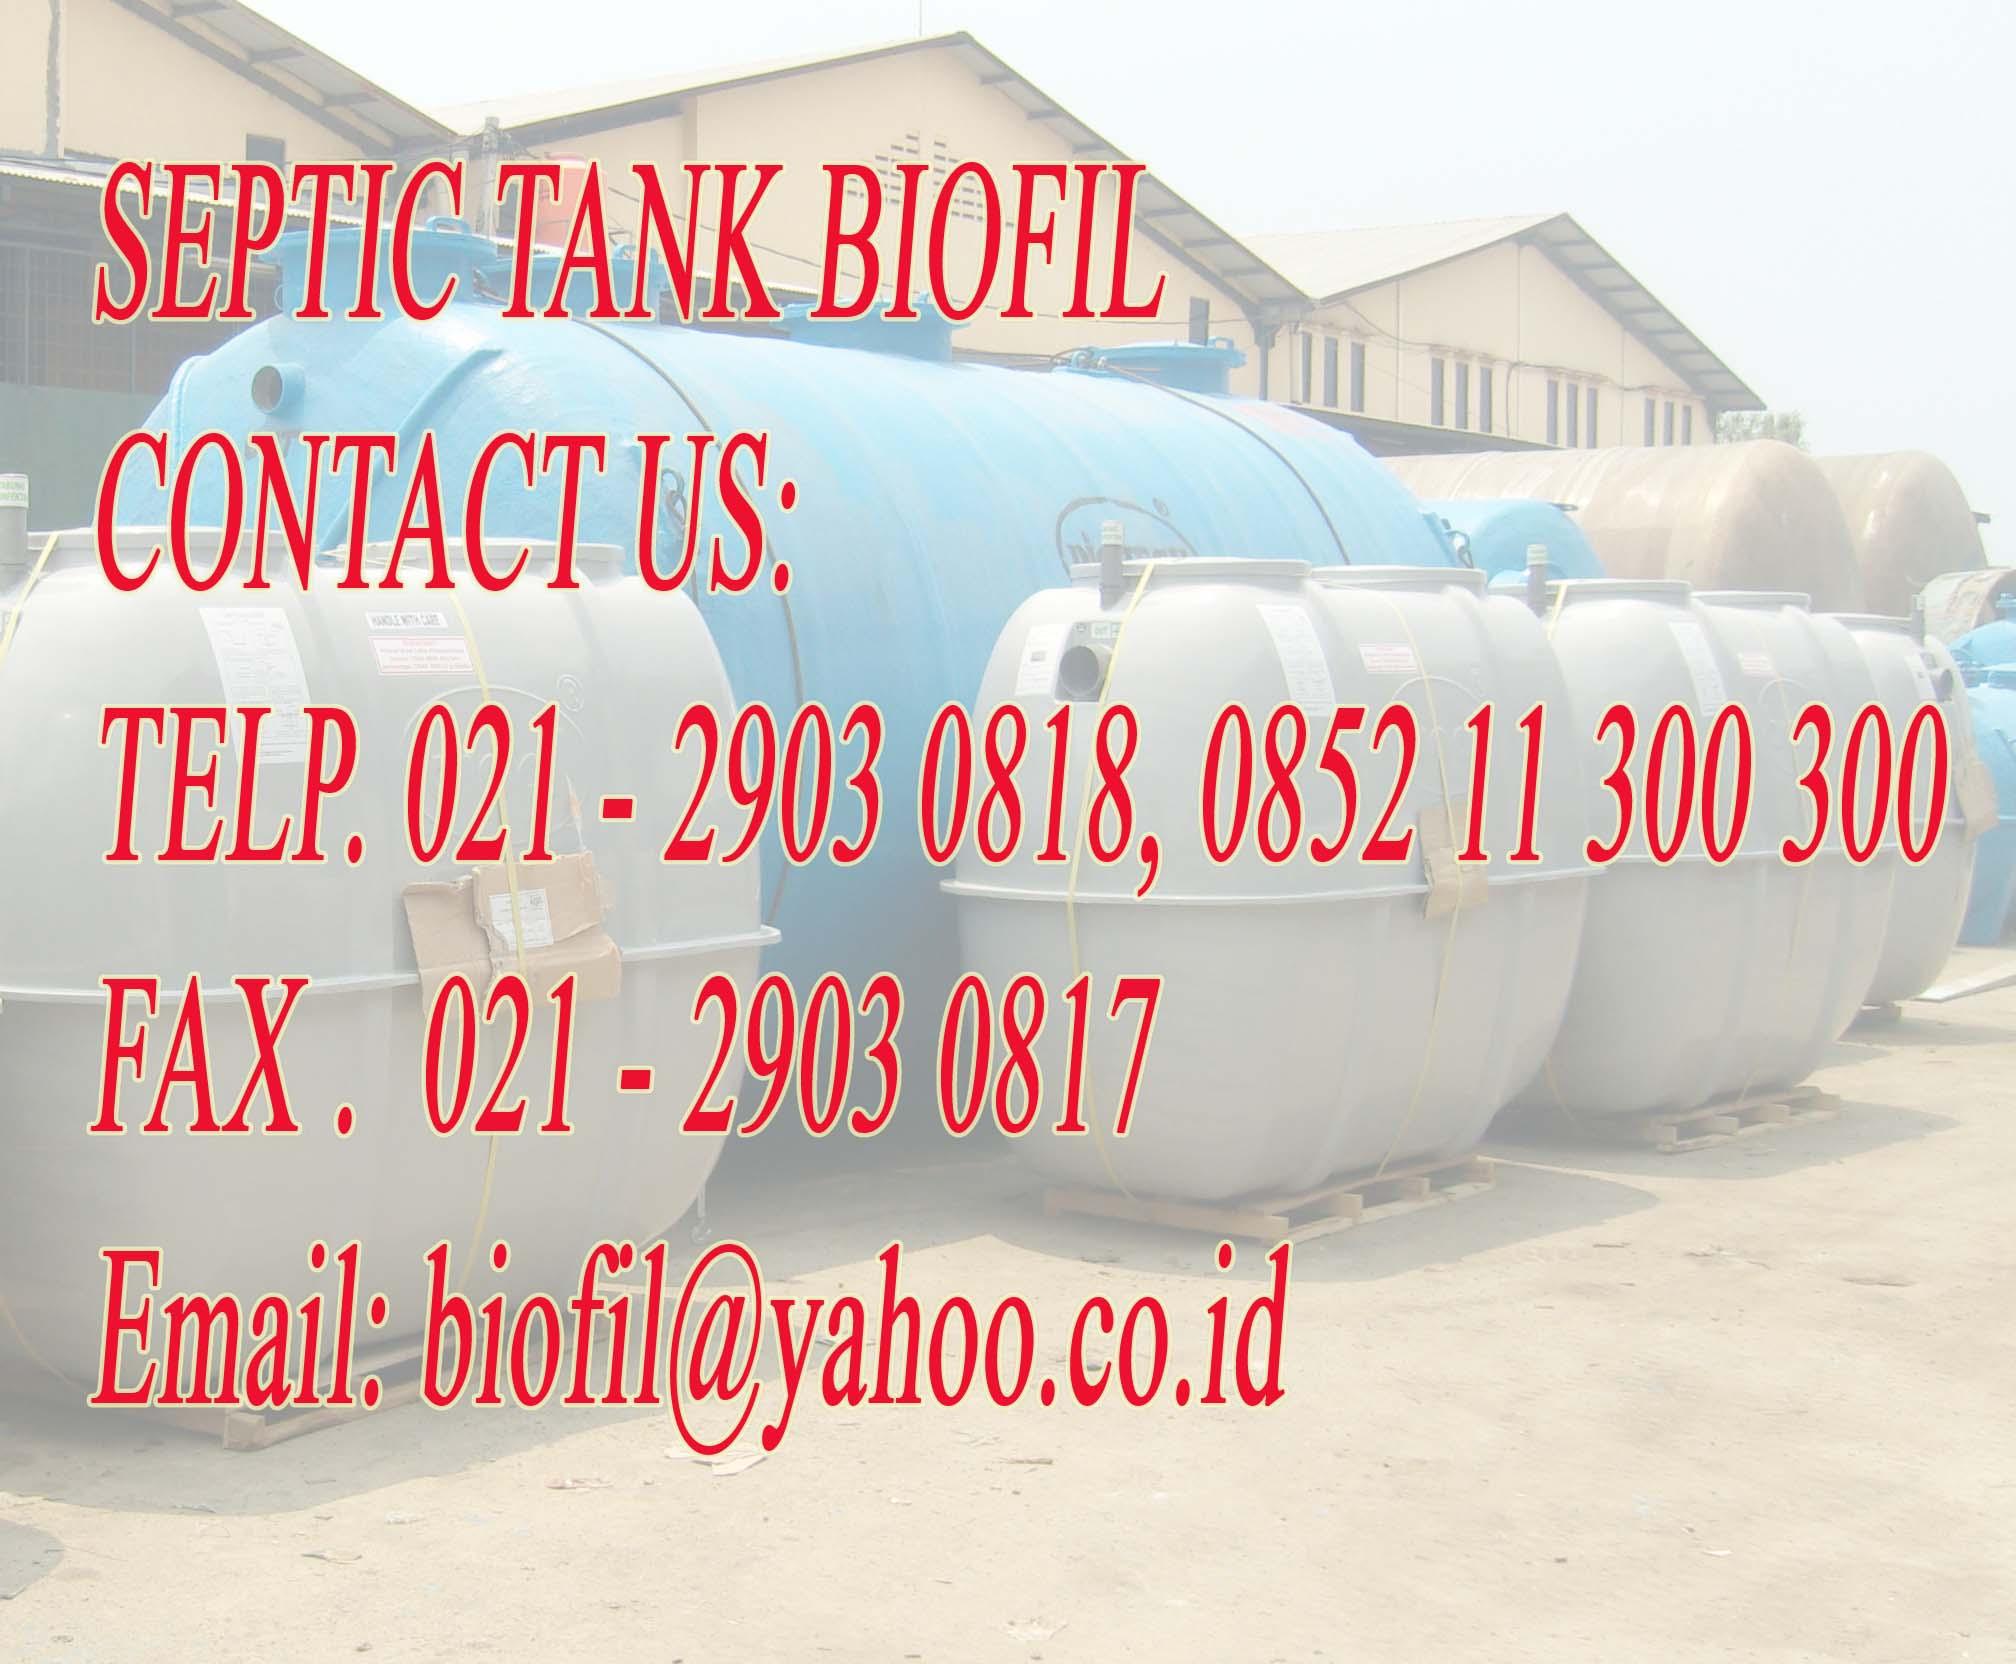 septic tank biofil, induro, stp, ipal, biofive, biogift, sni, bod, cod, tss